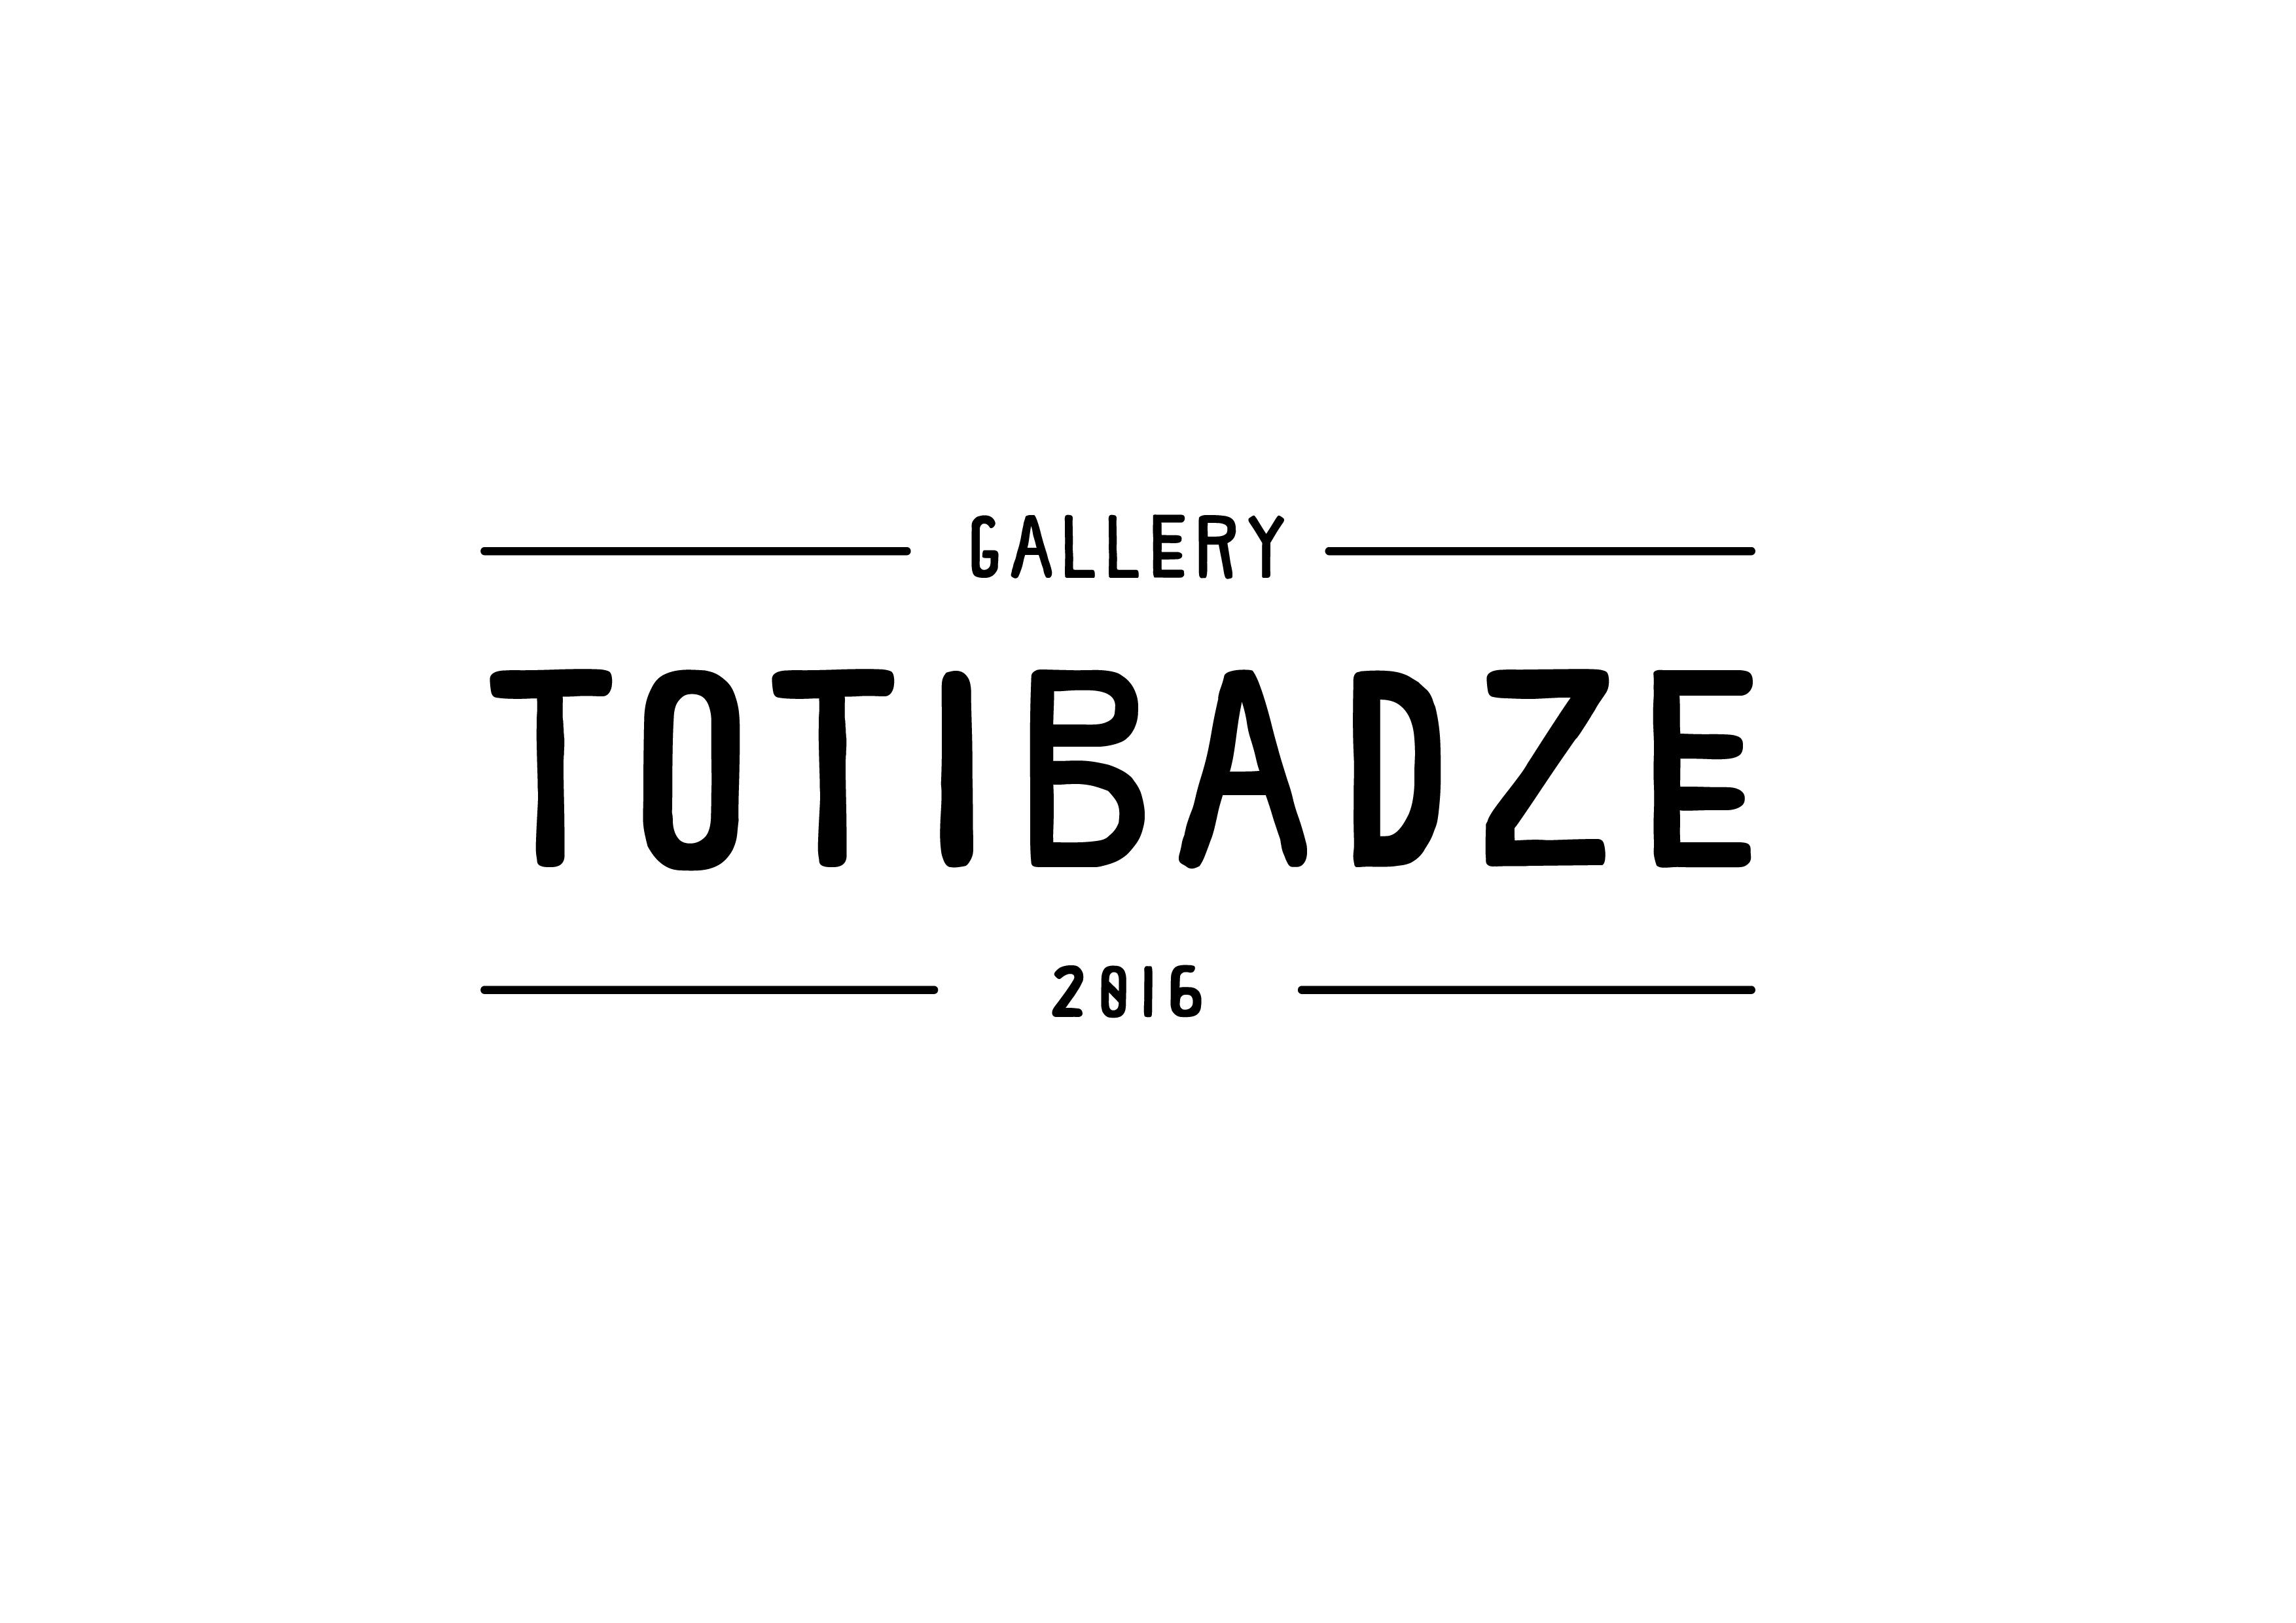 Totibadze Gallery